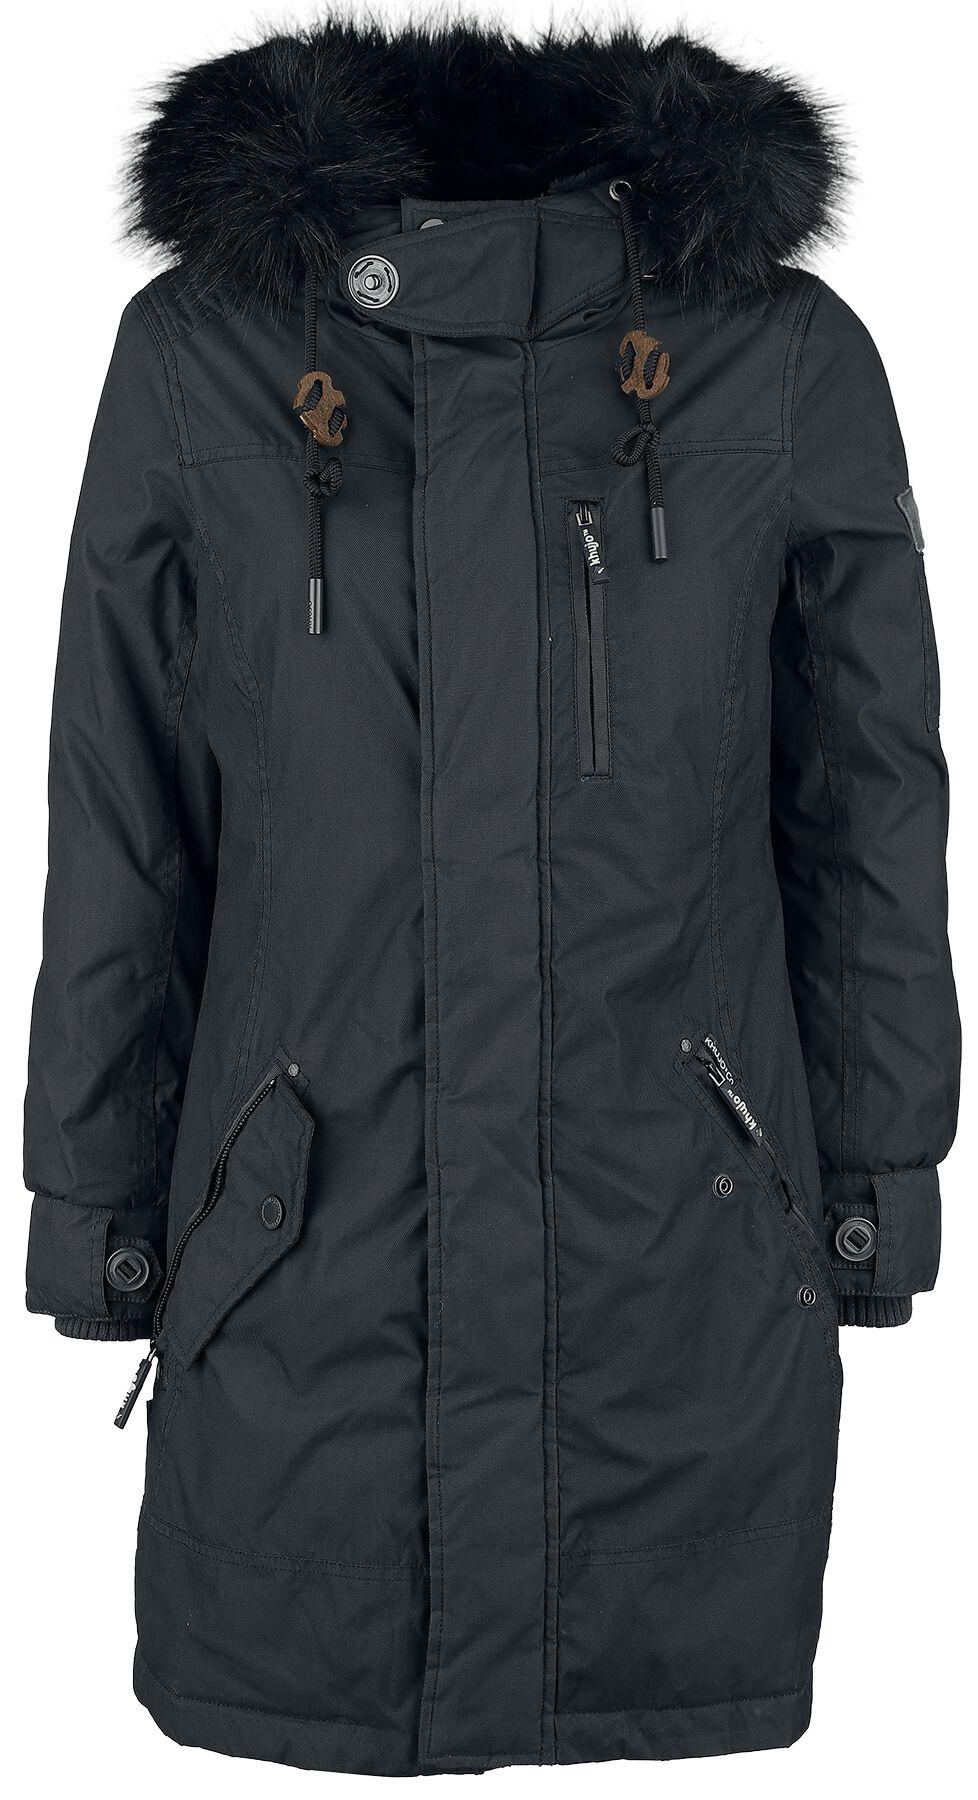 Jacken für Frauen - Khujo Babette Winterjacke dunkelblau  - Onlineshop EMP